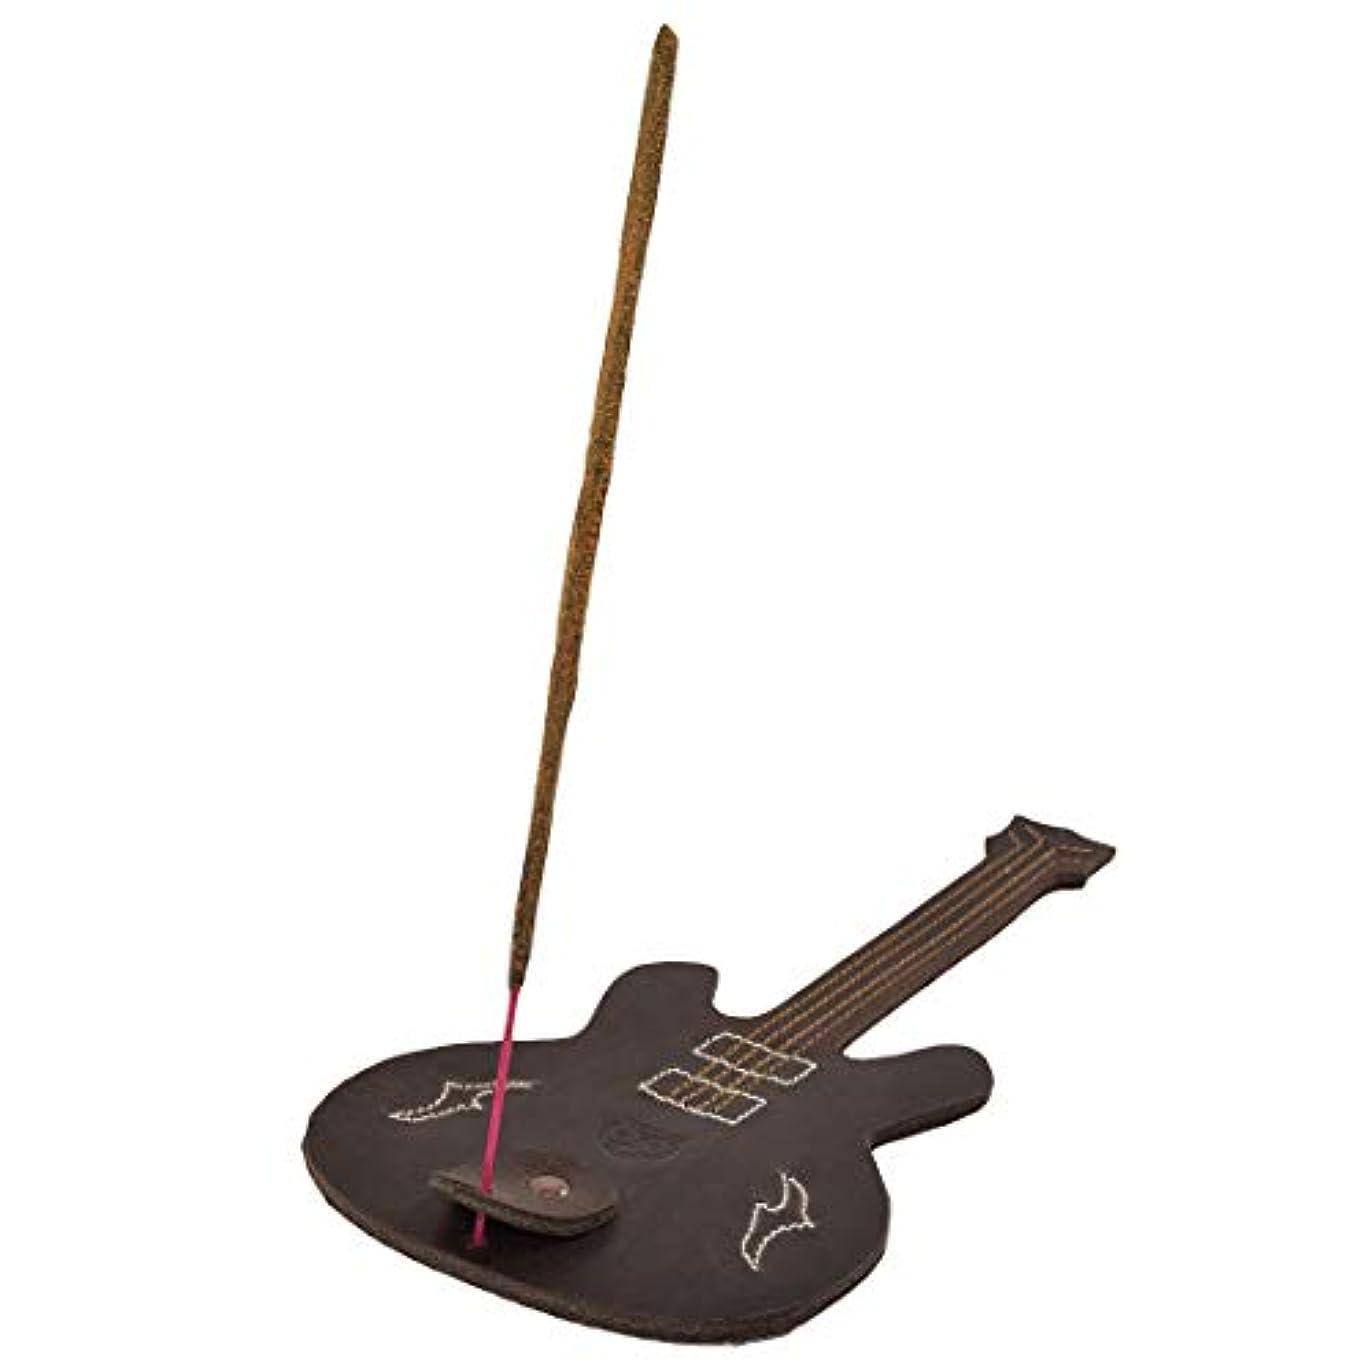 不安定なペレットあなたはHide & Drink厚レザーギター形状Incense Burnerスティックホルダーwith Ashキャッチャー手作りでBourbonブラウン